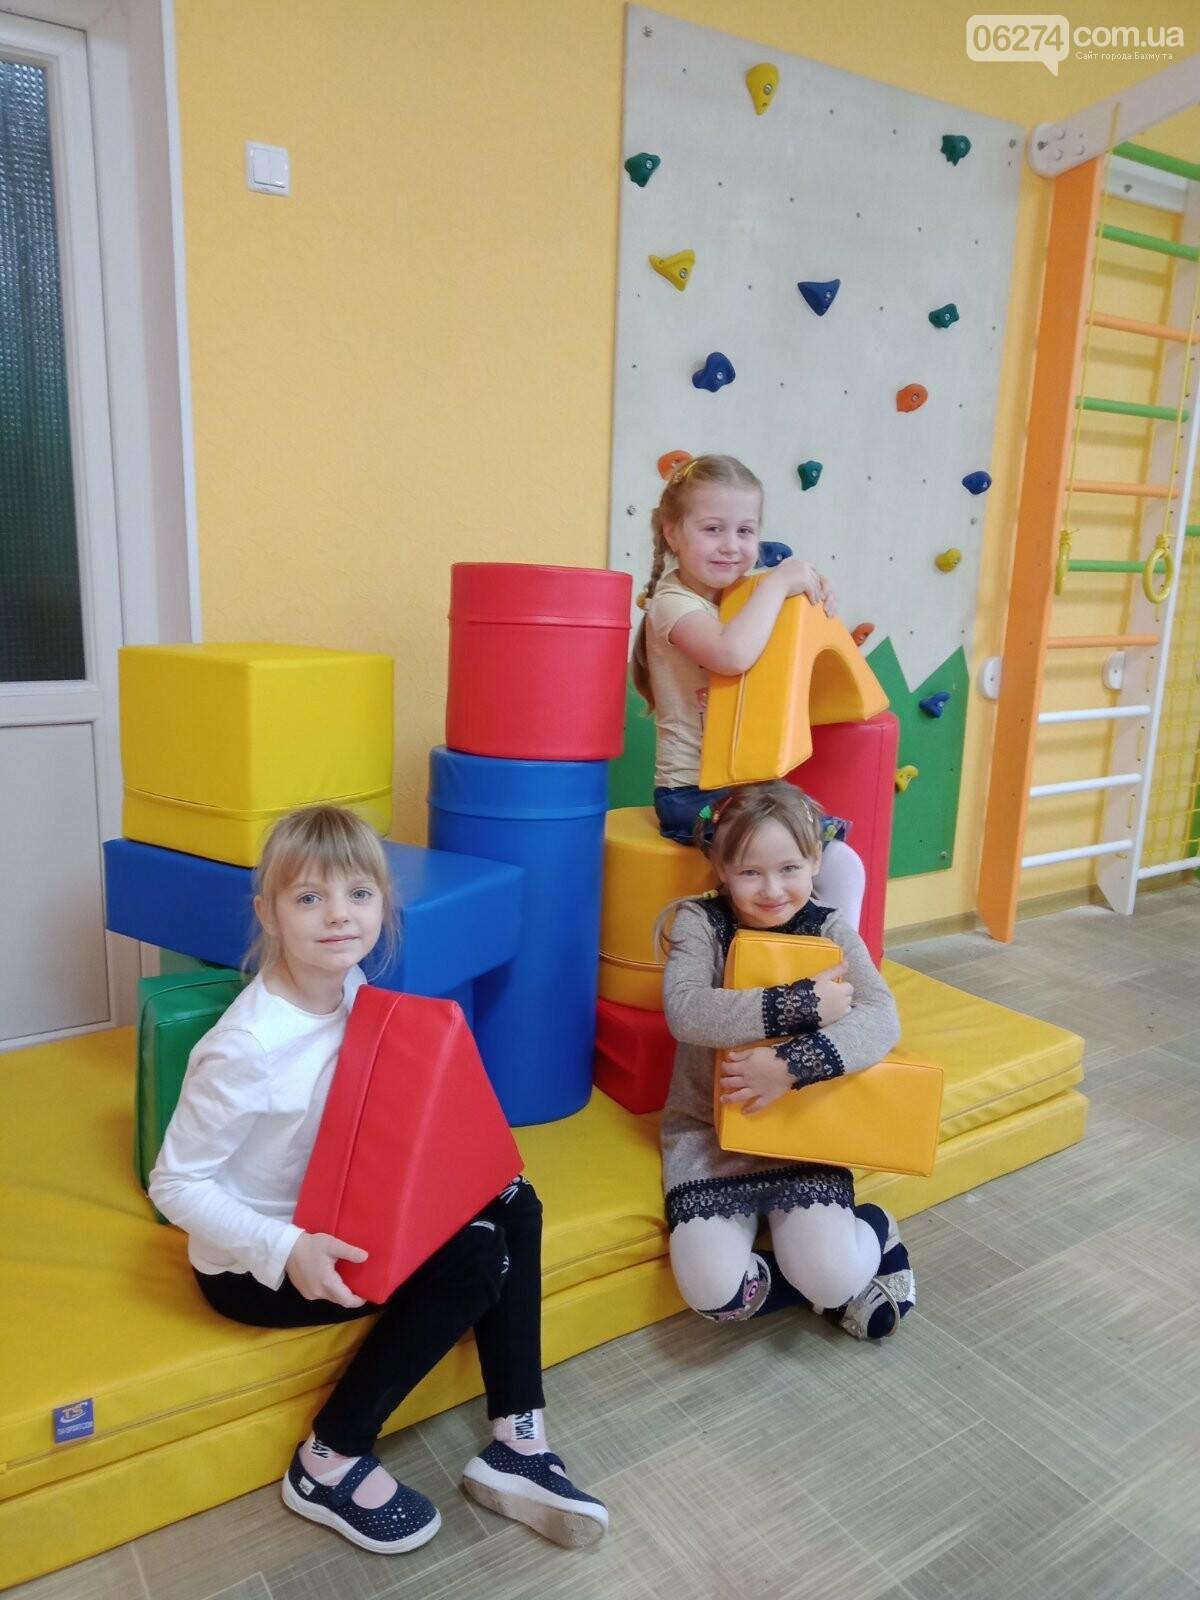 Детские сады Бахмутской ОТГ получили мебель и оборудование от ЮНИСЕФ, фото-4